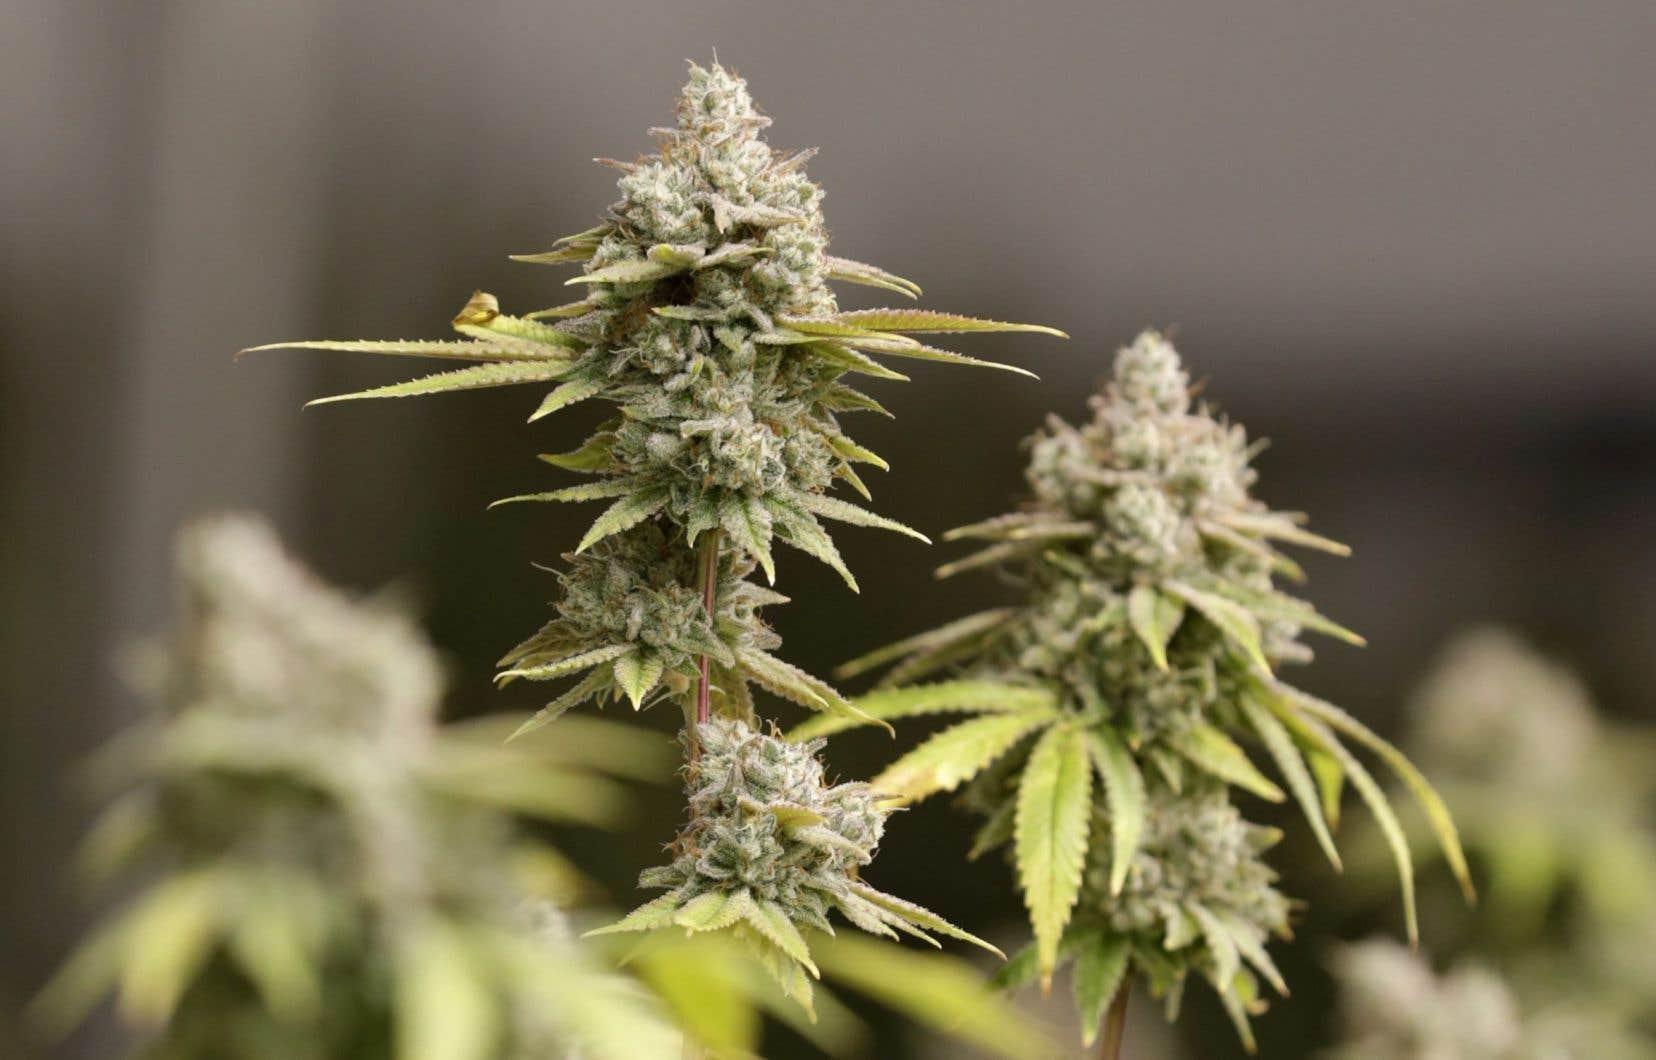 Actuellement, deux molécules issues du cannabis occupent la professeure Desgagné-Penix, experte mondiale dans le métabolisme des plantes: le THC, connu pour ses effets psychoactifs, et le CBD, utilisé comme antidouleur.